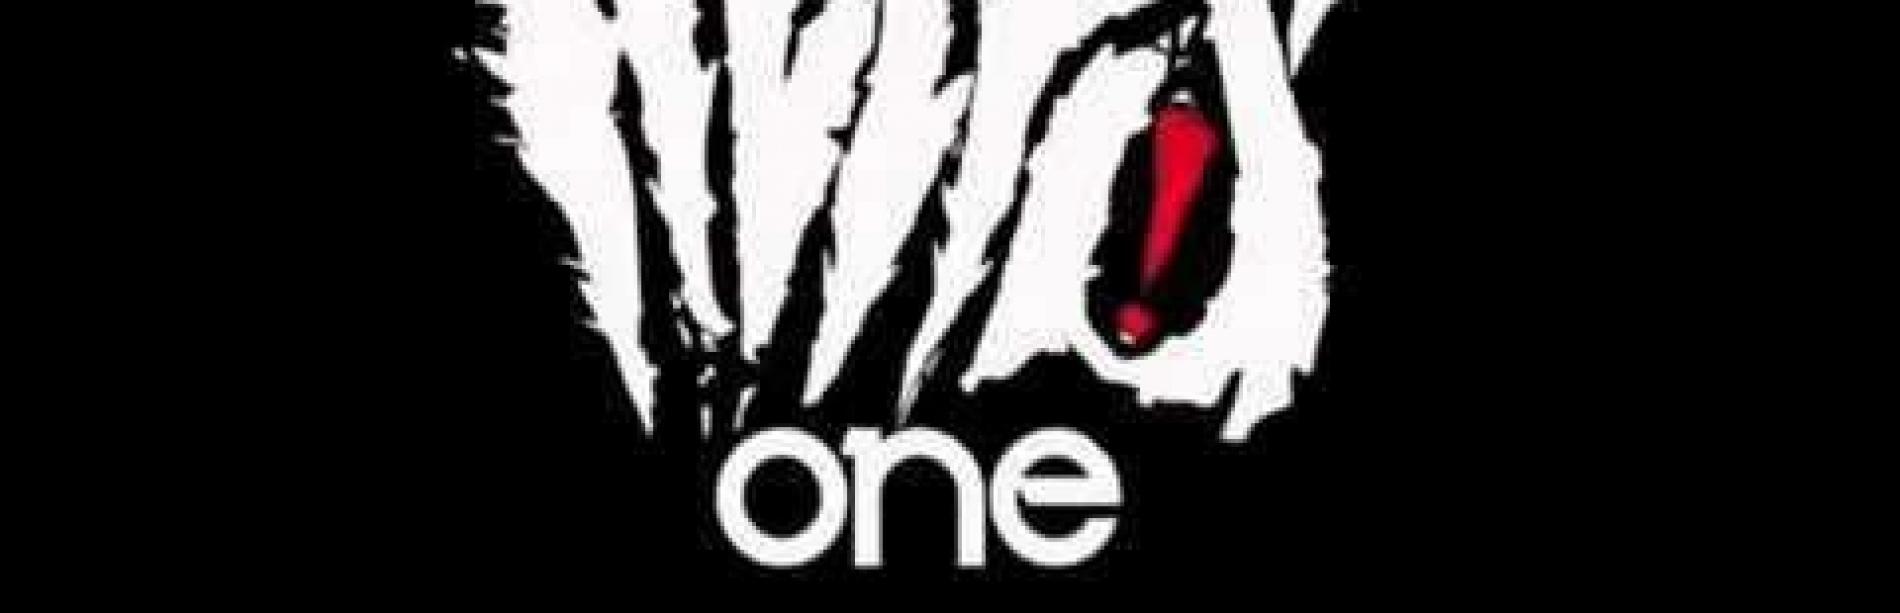 Reeps One | Zutique Productions